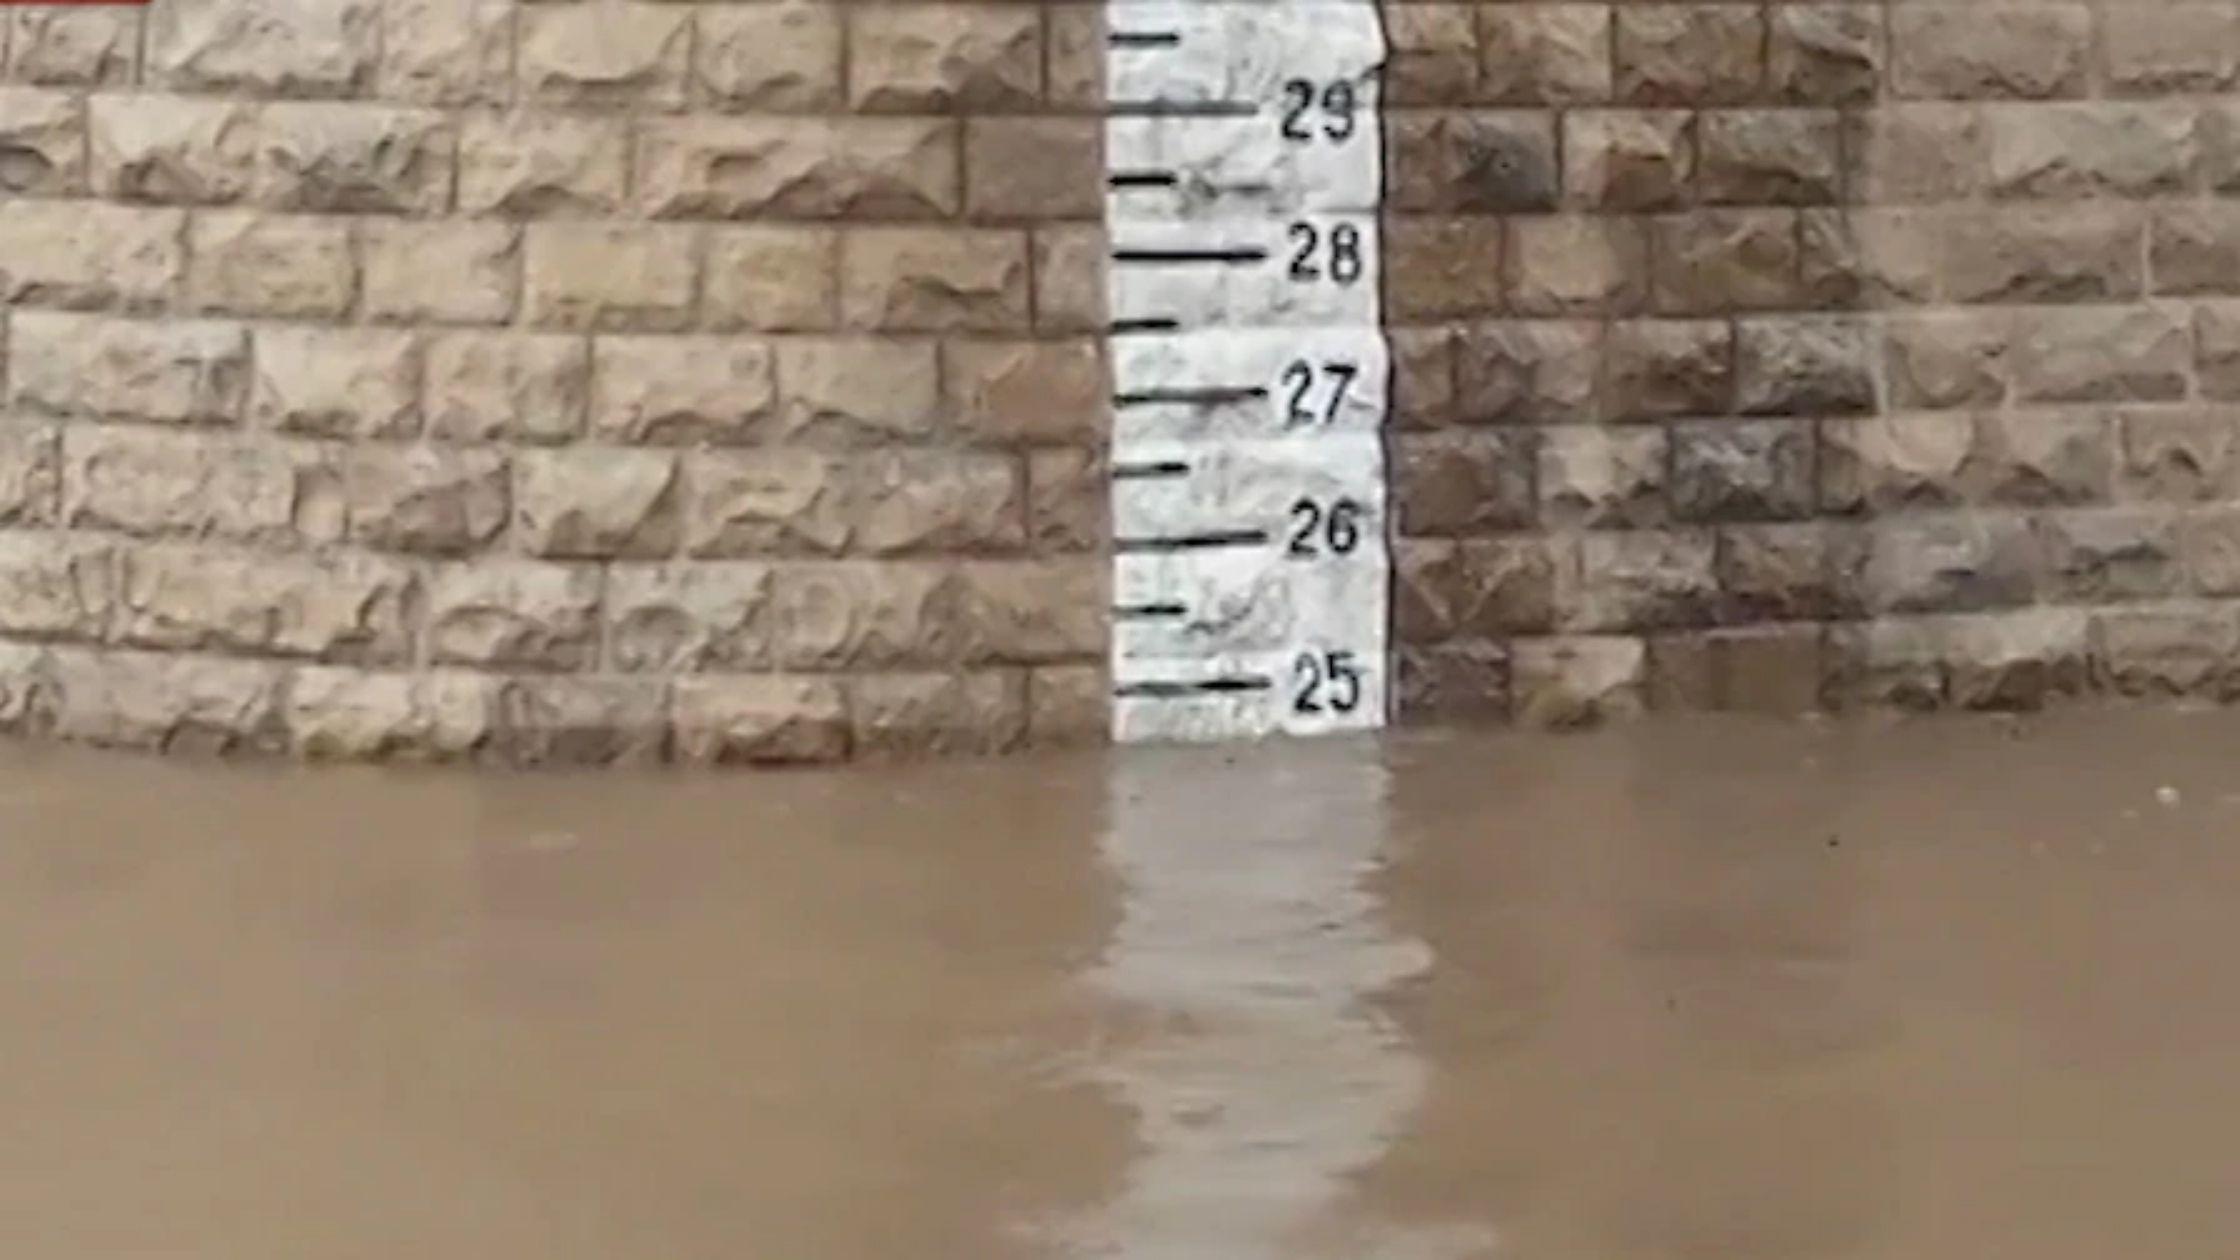 कृष्णा नदीची पाणीपातळी २५ फुटांवर, परिसरातील जनजीवन विस्कळीत